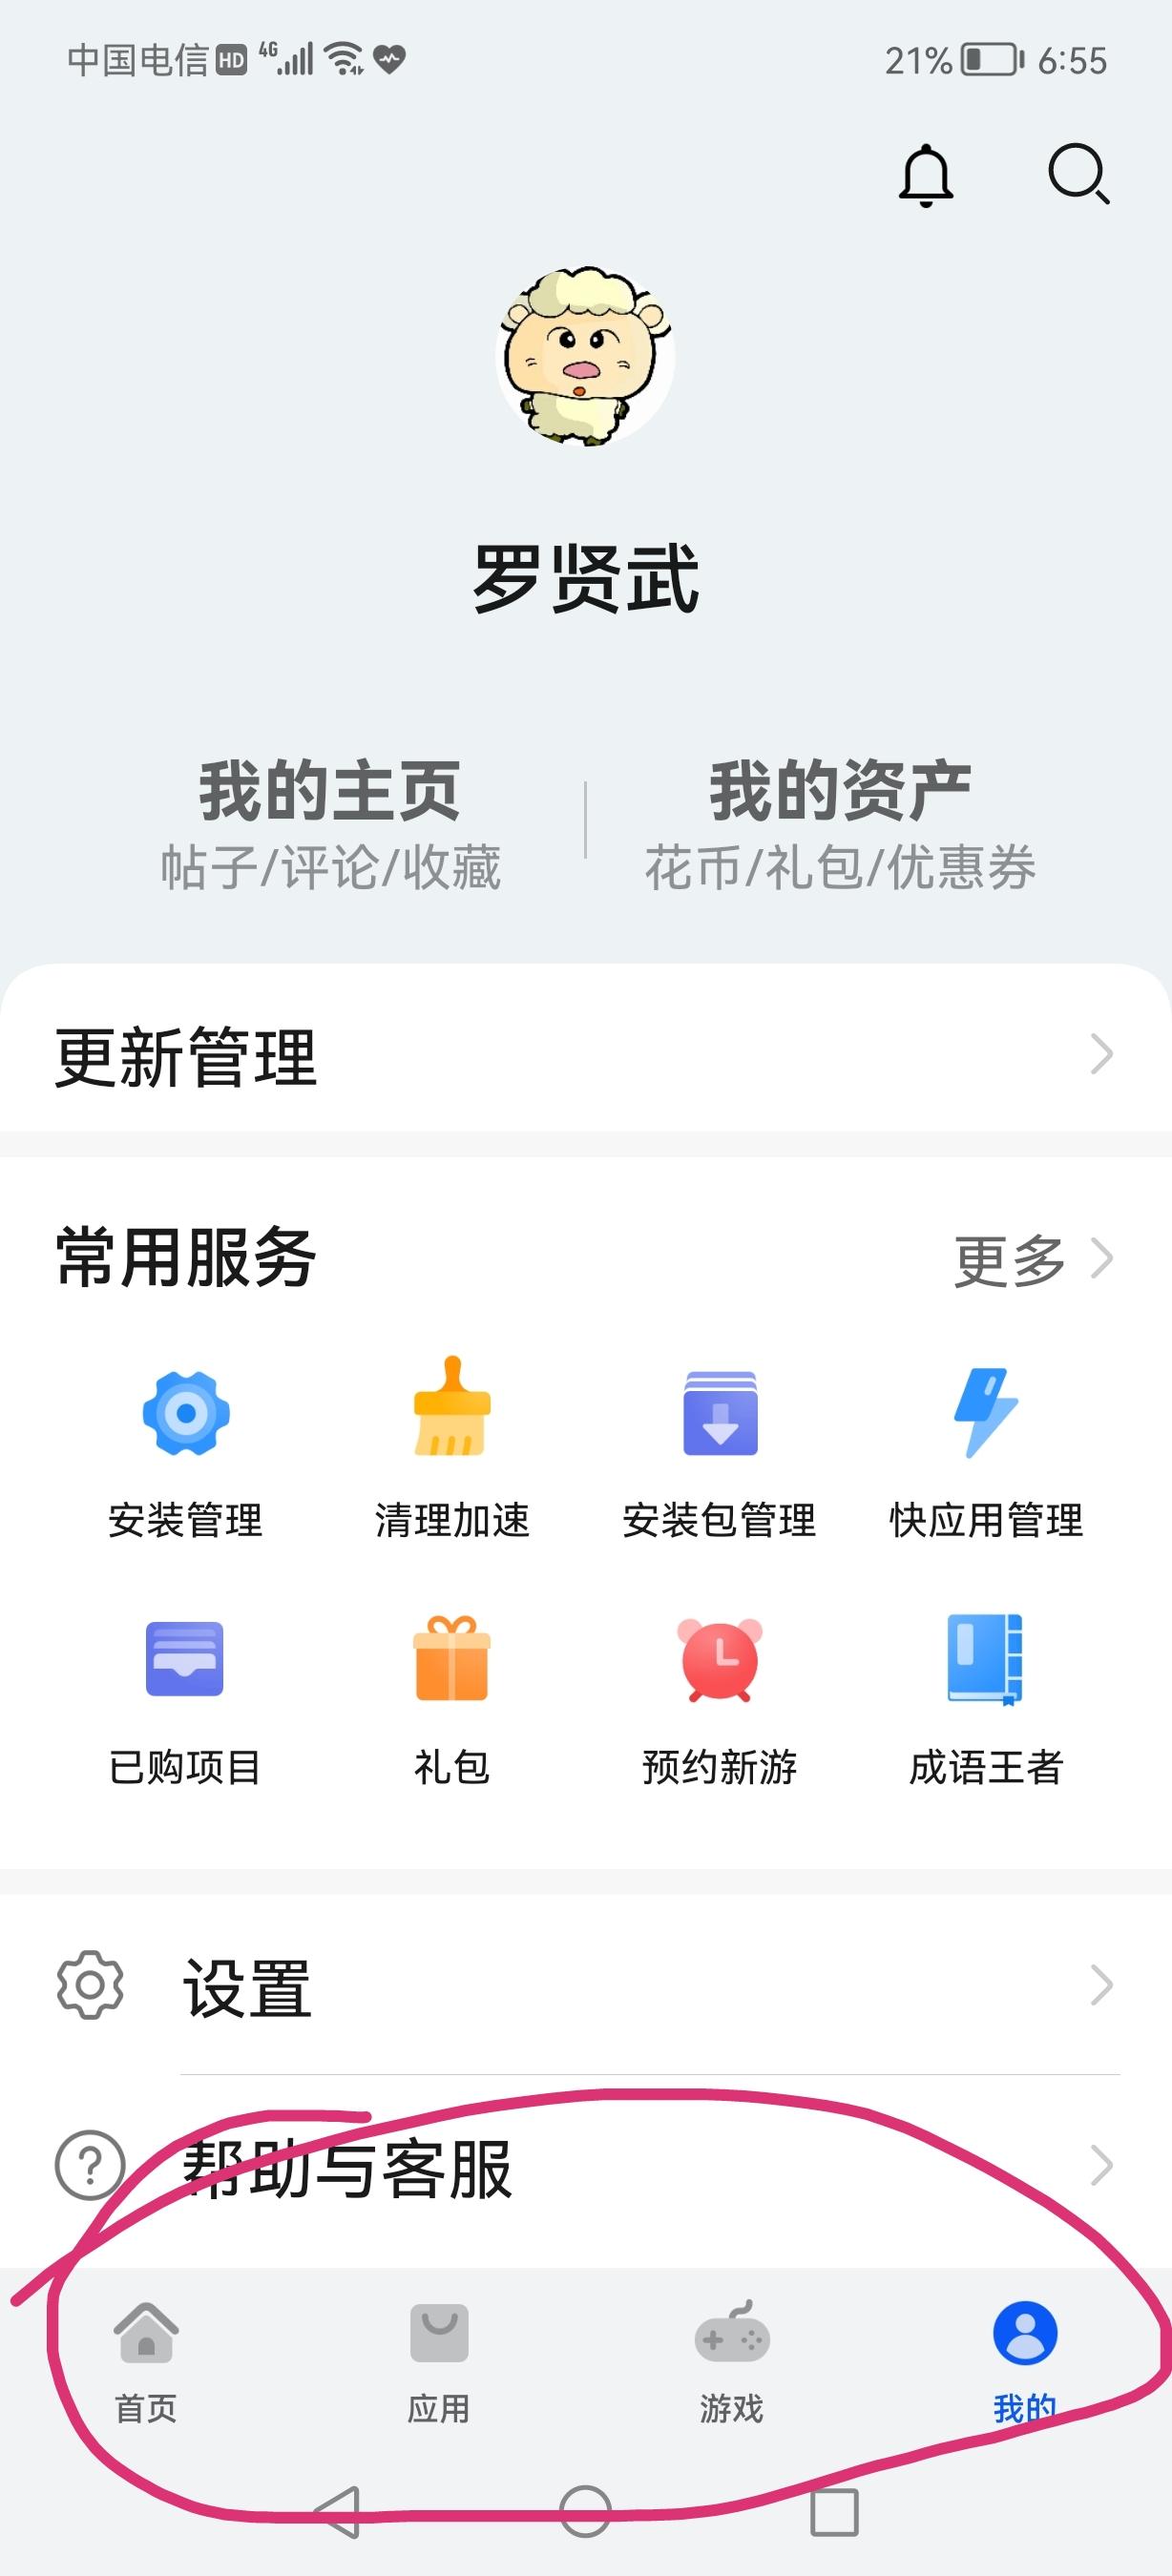 Screenshot_20210923_065629.jpg